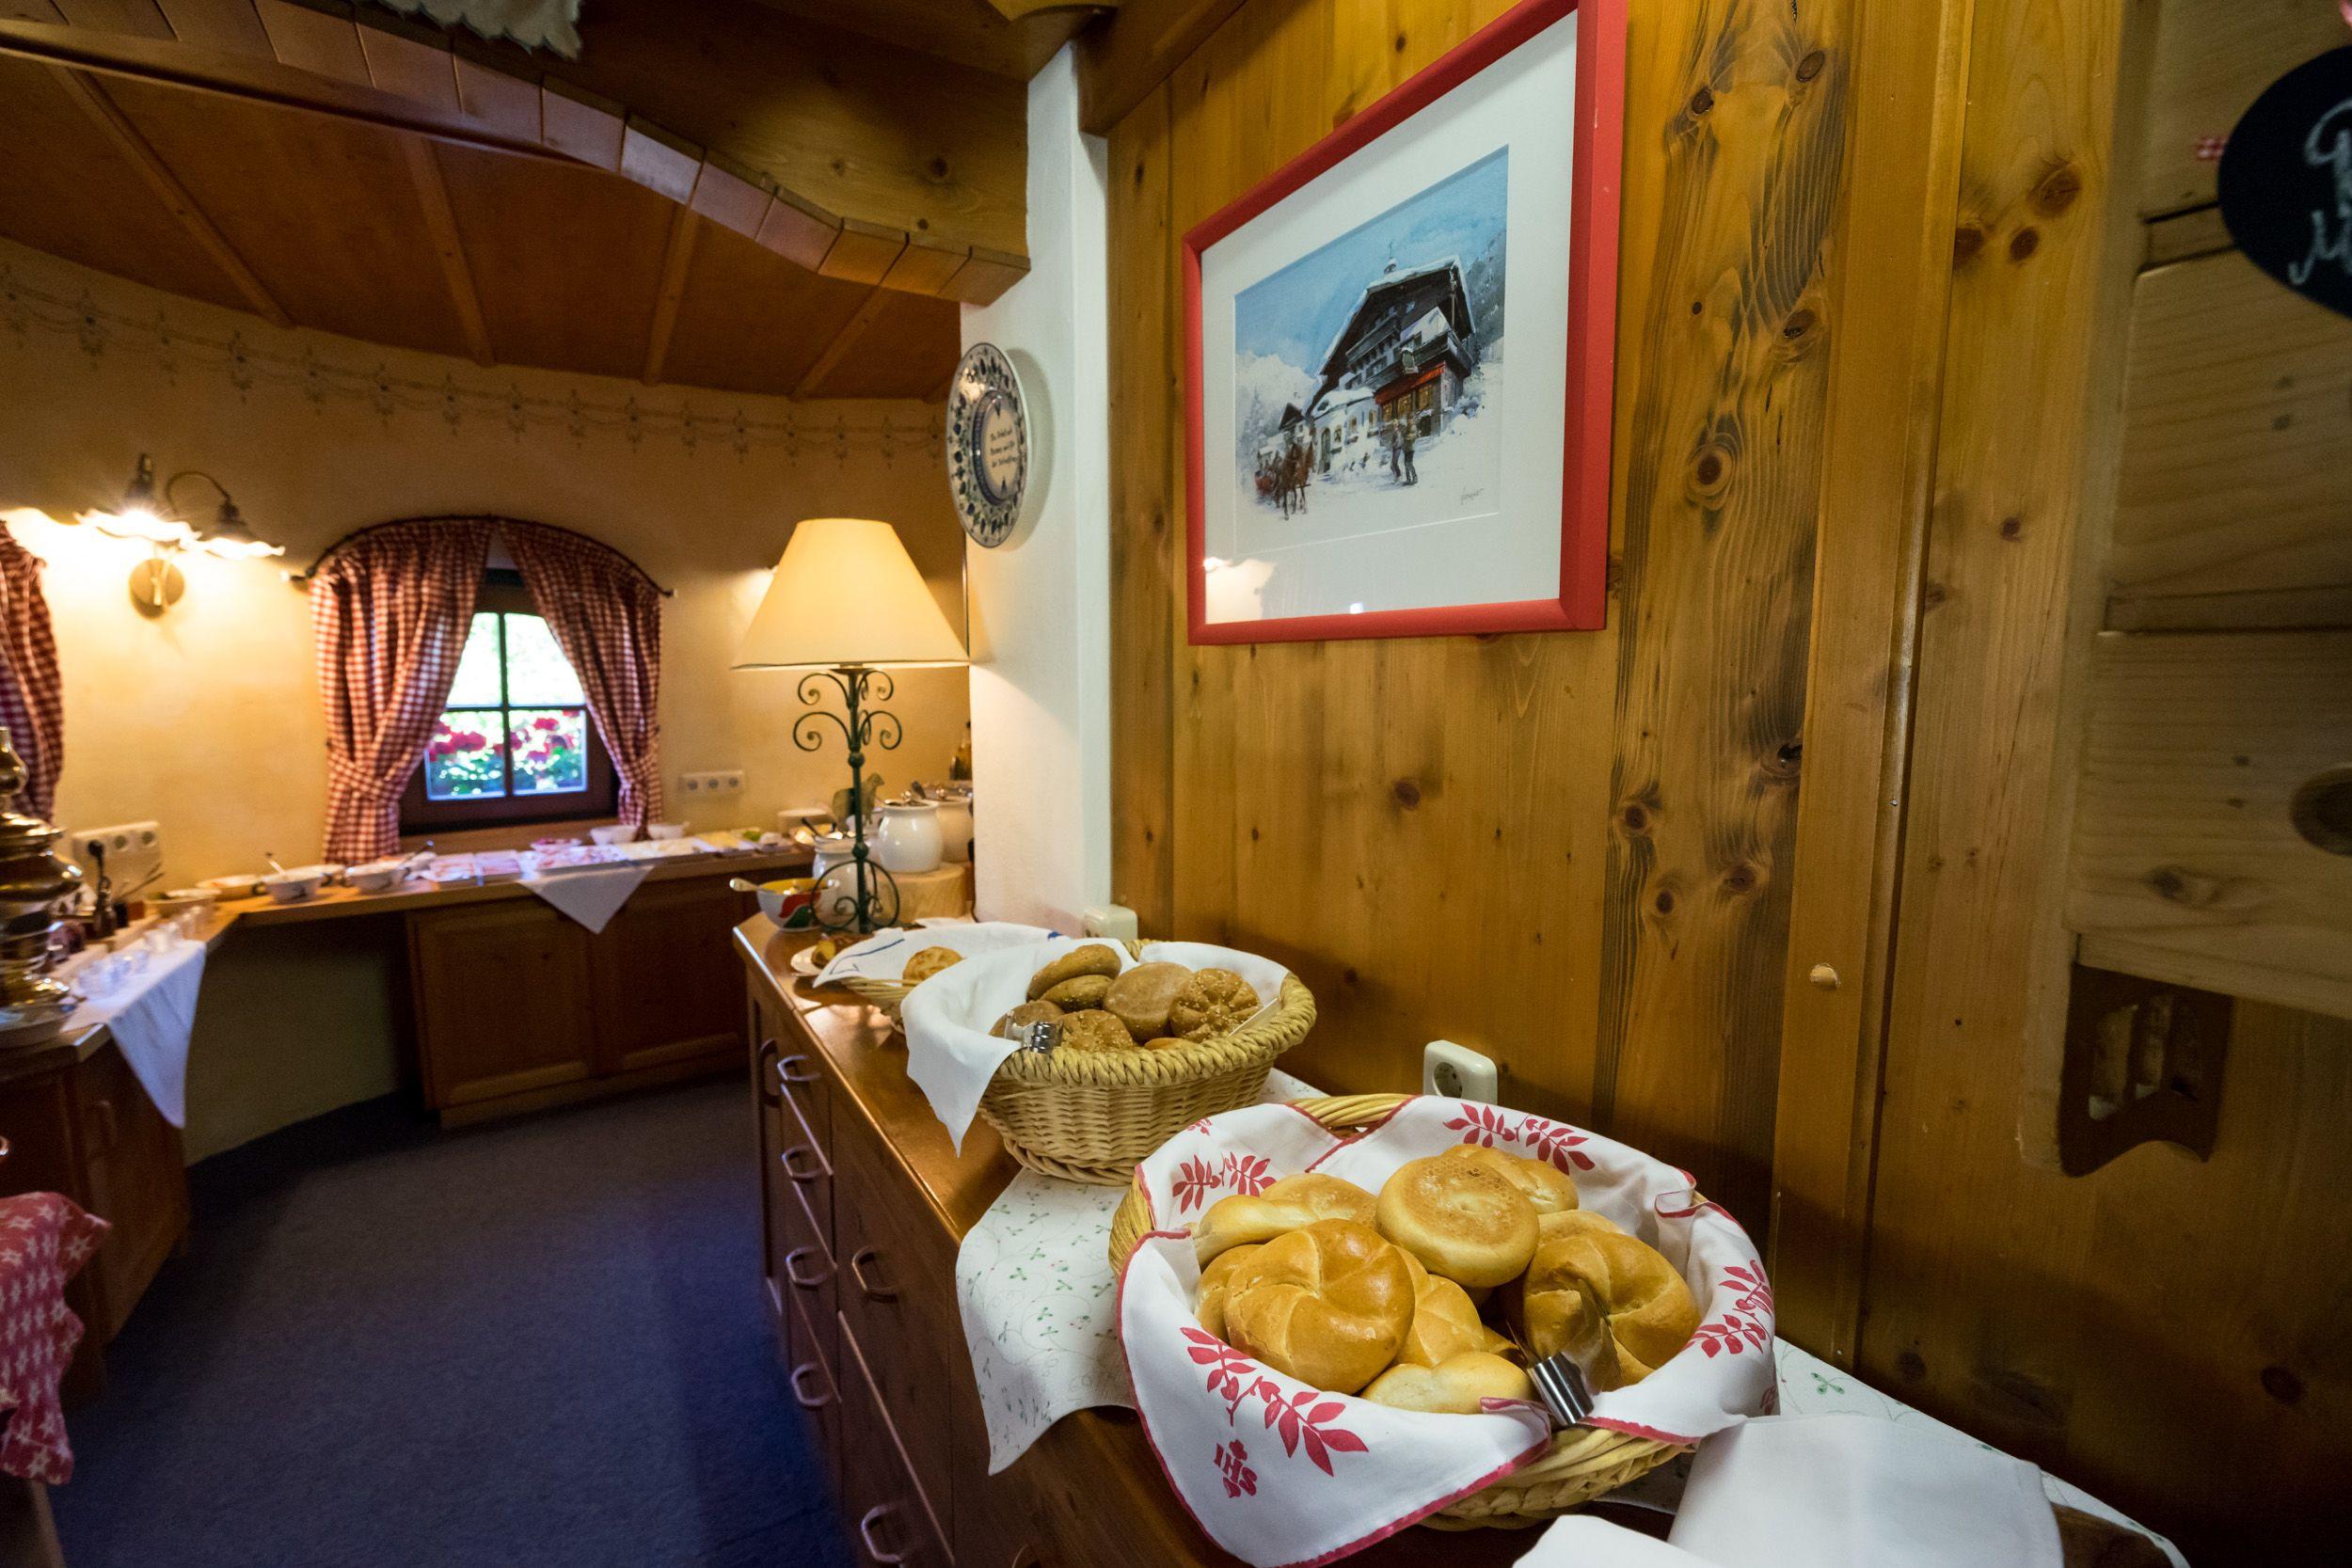 Frühstücksbuffet im Wanderhotel Schafhuber